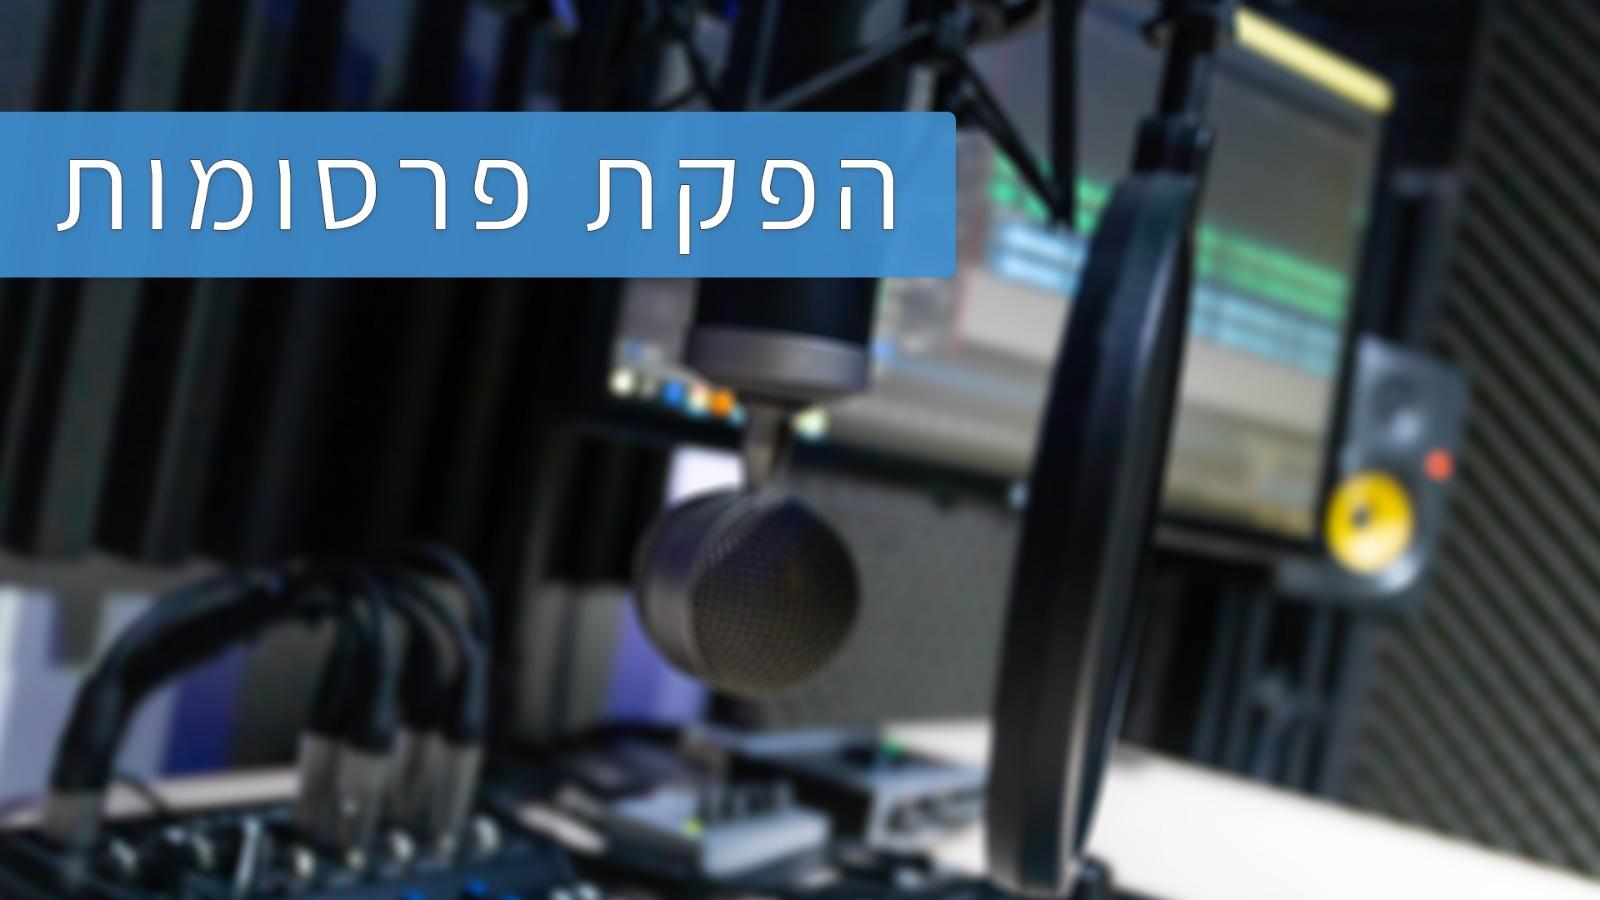 אלעד שבר תקשורת מנצחת | ג'ינגלים והפקת פרסומות